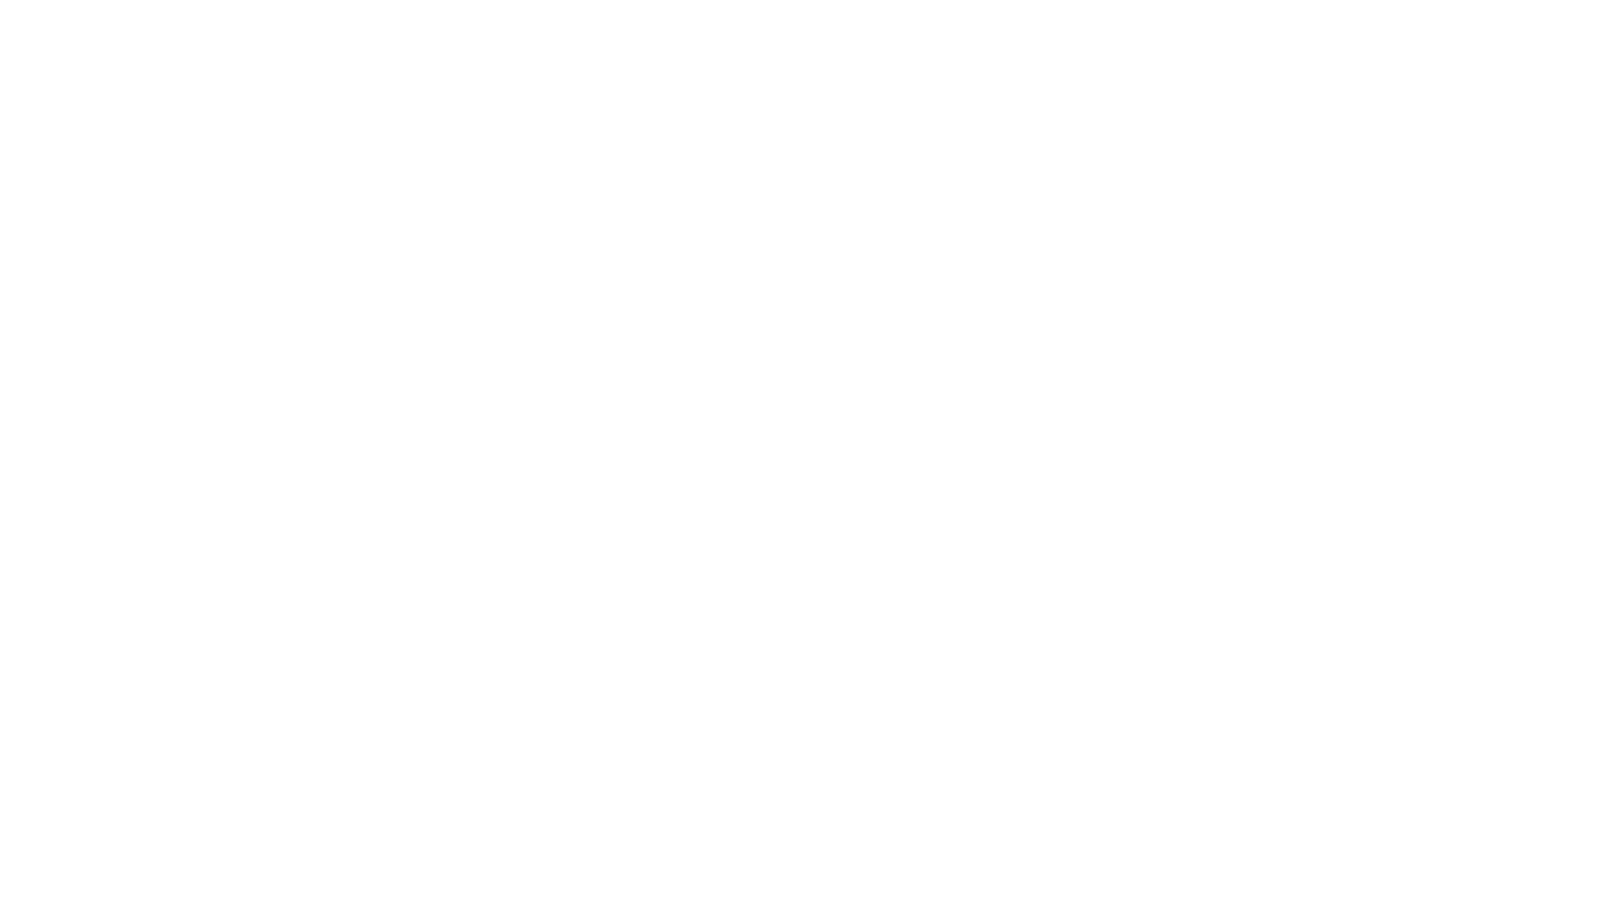 #感覚統合 #講義のスライドから #箕面市は素敵な街 課題に集中させたい場合は、その子の求める感覚刺激を先に入れてあげると、その後、落ち着いて課題に向かいやすくなります。 「好きな遊びはご褒美にとっておく」、というよりも効果が高いですよ。  ◆保育士さん向け講義のご依頼(子どもと姿勢研究所) →https://kodomotoshisei.com/hoiku-support/ ※子どもと姿勢研究所では、理学療法士のにしむらたけしが「子どもの姿勢を良くするコツ」についての情報を発信しています。  ◆たけのこ療育セラピスト塾(2021年6月開講!) 療育事業所等で働くセラピスト(言語聴覚士・作業療法士・理学療法士)の方が集い・学ぶオンライン塾です。現在、22名の熱意あるセラピストの方々がオンラインサロンに参加してくれています。 →https://ryouiku-therapist.com/  ◆「療育支援者の集い場」ご参加者募集中! 専用掲示板での交流と、定期的なオンラインミーティングを開催しています。 新規ご参加者も増えています!療育支援者同士が集うオンラインサークルです。 →https://note.com/hattatulabo/circle ※「支援者の集い場」を選択してください。 ======================= ◆療育事業所様向けコンサルタント(法人様向け)※現在、にしむら夫婦が5事業所様をバックアップしています! →https://illuminate-kobe.co.jp/business-person-consultant 「子どもの支援方法をより深く知りたい」「適切な声掛けができるようになりたい」「療育理念を明確にしたい」など、今以上にスキルアップを目指している療育事業所様に対して、こども発達LABO.のにしむら夫婦が、継続バックアップを行います(根拠ある療育を行っていきたいとお考えの開設3年未満の事業所様および新規立ち上げの事業所様が対象)。 ======================= ◆2つのサブチャンネルもどうぞよろしく! ①「にしむら夫婦の療育をもっと面白く!」 →https://www.youtube.com/channel/UCF_jJ6863ojEiixnCOrwY_g ②「療育支援者の学校」 →https://www.youtube.com/channel/UCSjeUHOGIMaERDMtDu_Mzww ――――――――――――――――――――――――― ◆当チャンネルは、子どもの体と言葉の発達が学べるチャンネルです。  子どもの発達の専門家夫婦が、子どもの発達や自閉症などの発達障害があるお子さんの特性や手立てなどについて発信しています。  【対象となる方】 ◆お子さんの体や言葉の発達に不安がある方 ◆発達障害のあるお子さんを子育て中の方 ◆保育士さんや療育支援者  【メンバー】 ◆むぎちょこ(妻):言葉の発達専門の言語聴覚士/こども発達LABO.代表  ・臨床経験20年以上の言語聴覚士。 ・病院勤務の後、公的療育センター勤務。2020年4月より発達支援ゆず本山ルーム(神戸市東灘区)所属。 ・言葉の遅れが心配な保護者や支援者向け研修会での講師経験多数。 ・Twitterでは、言葉の発達や発達特性のある子どもへの手だてが分かりやすい!と好評で、フォロワー数は2,000人超!→https://twitter.com/mugichoko2016 ・オンライン相談やレッスンにも詳しく、Yahoo!ニュースにも取り上げられた。 ・特技は乗馬、趣味は妄想片付け。  ◆にしむらたけし(夫):運動発達専門の理学療法士/株式会社ILLUMINATE代表/子どもと姿勢研究所代表  ・病院勤務後、公的療育センターに勤務。2017年公務員を辞め独立起業。現在は児童発達支援事業所などを複数経営。  ・子どもの運動発達の専門家として、全国の保育園などで、保育士さん向け講義を実践。  ・NHKあさイチ、テレビ大阪やさしいニュース、テレビ朝日グッド!モーニングなど、メディア出演も多数。 ・神戸新聞WEBサイトで、子どもの発達や発達障害のあるお子さんへの手立て等についての記事を執筆中→https://maidonanews.jp/writer/11003375 ・公式サイト▶https://nishimuratakeshi.com ・Twitter▶https://twitter.com/seinosuke2013  【取材・講義のご依頼はこちら】 →https://illuminate-kobe.co.jp/inquiry/